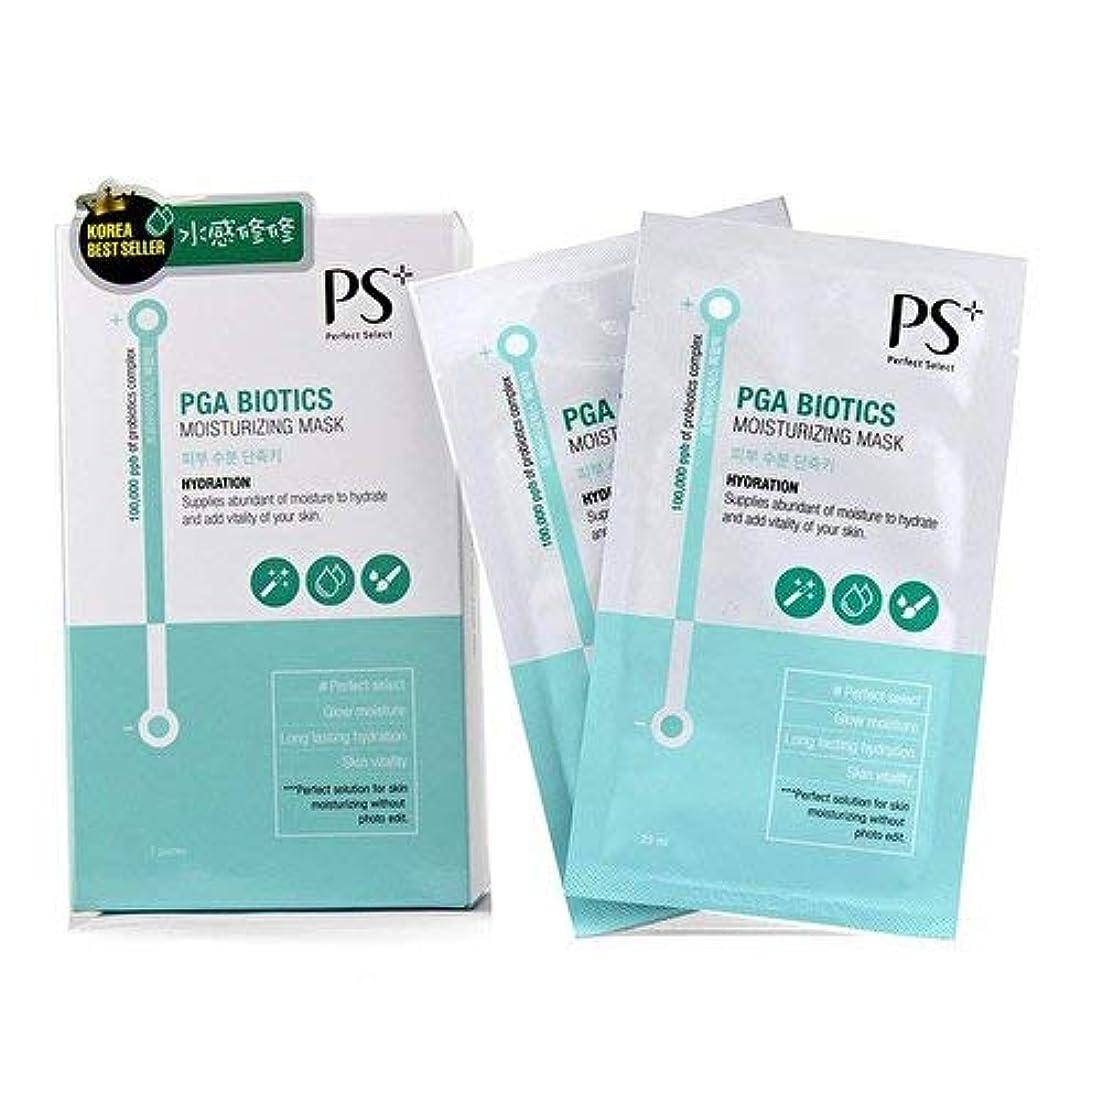 レール死ぬ古代PS Perfect Select PGA Biotics Moisturizing Mask - Hydration 7pcs並行輸入品